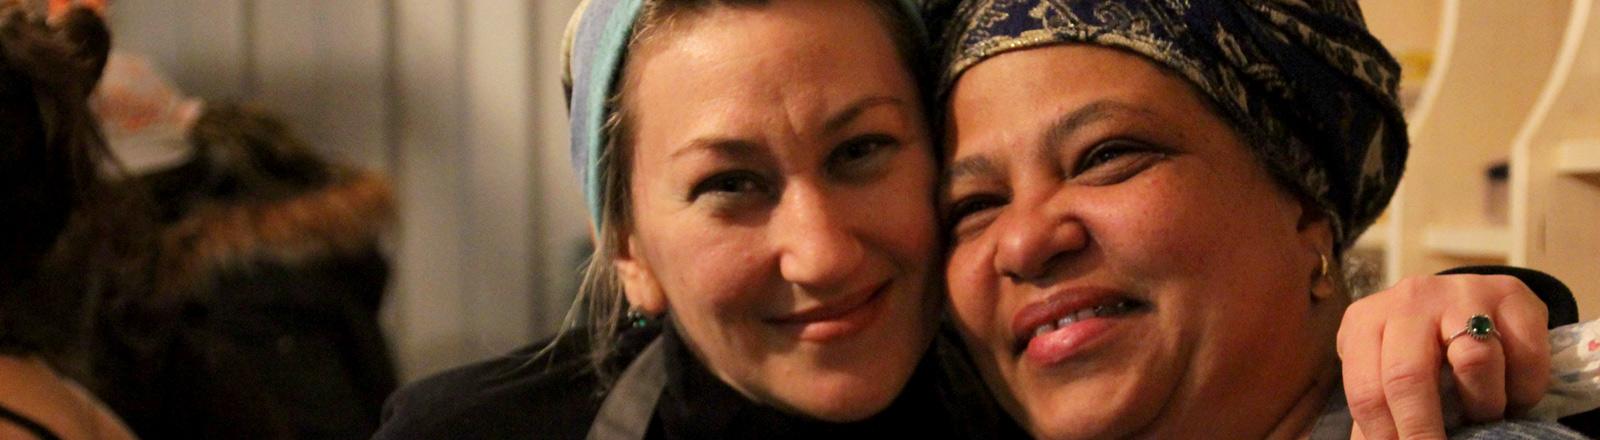 Zwei Frauen bei kitchen on the run strahlen.